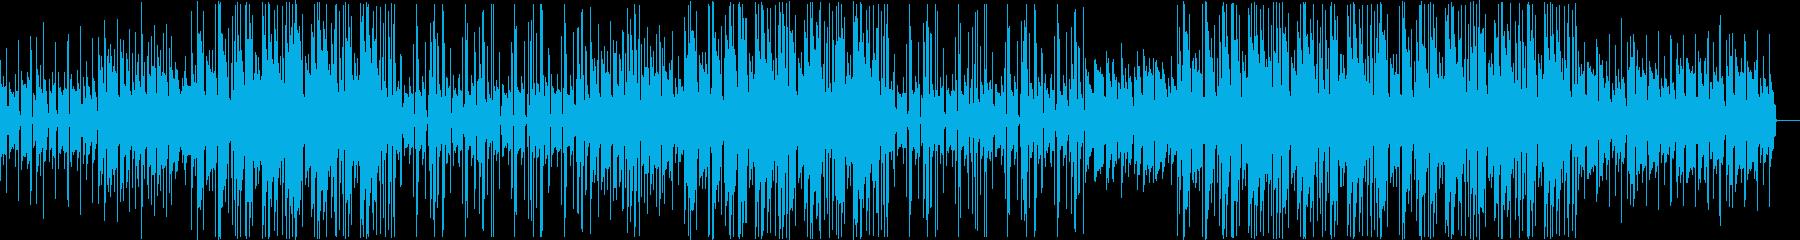 洋楽テイストのソウルフルなトラップビートの再生済みの波形